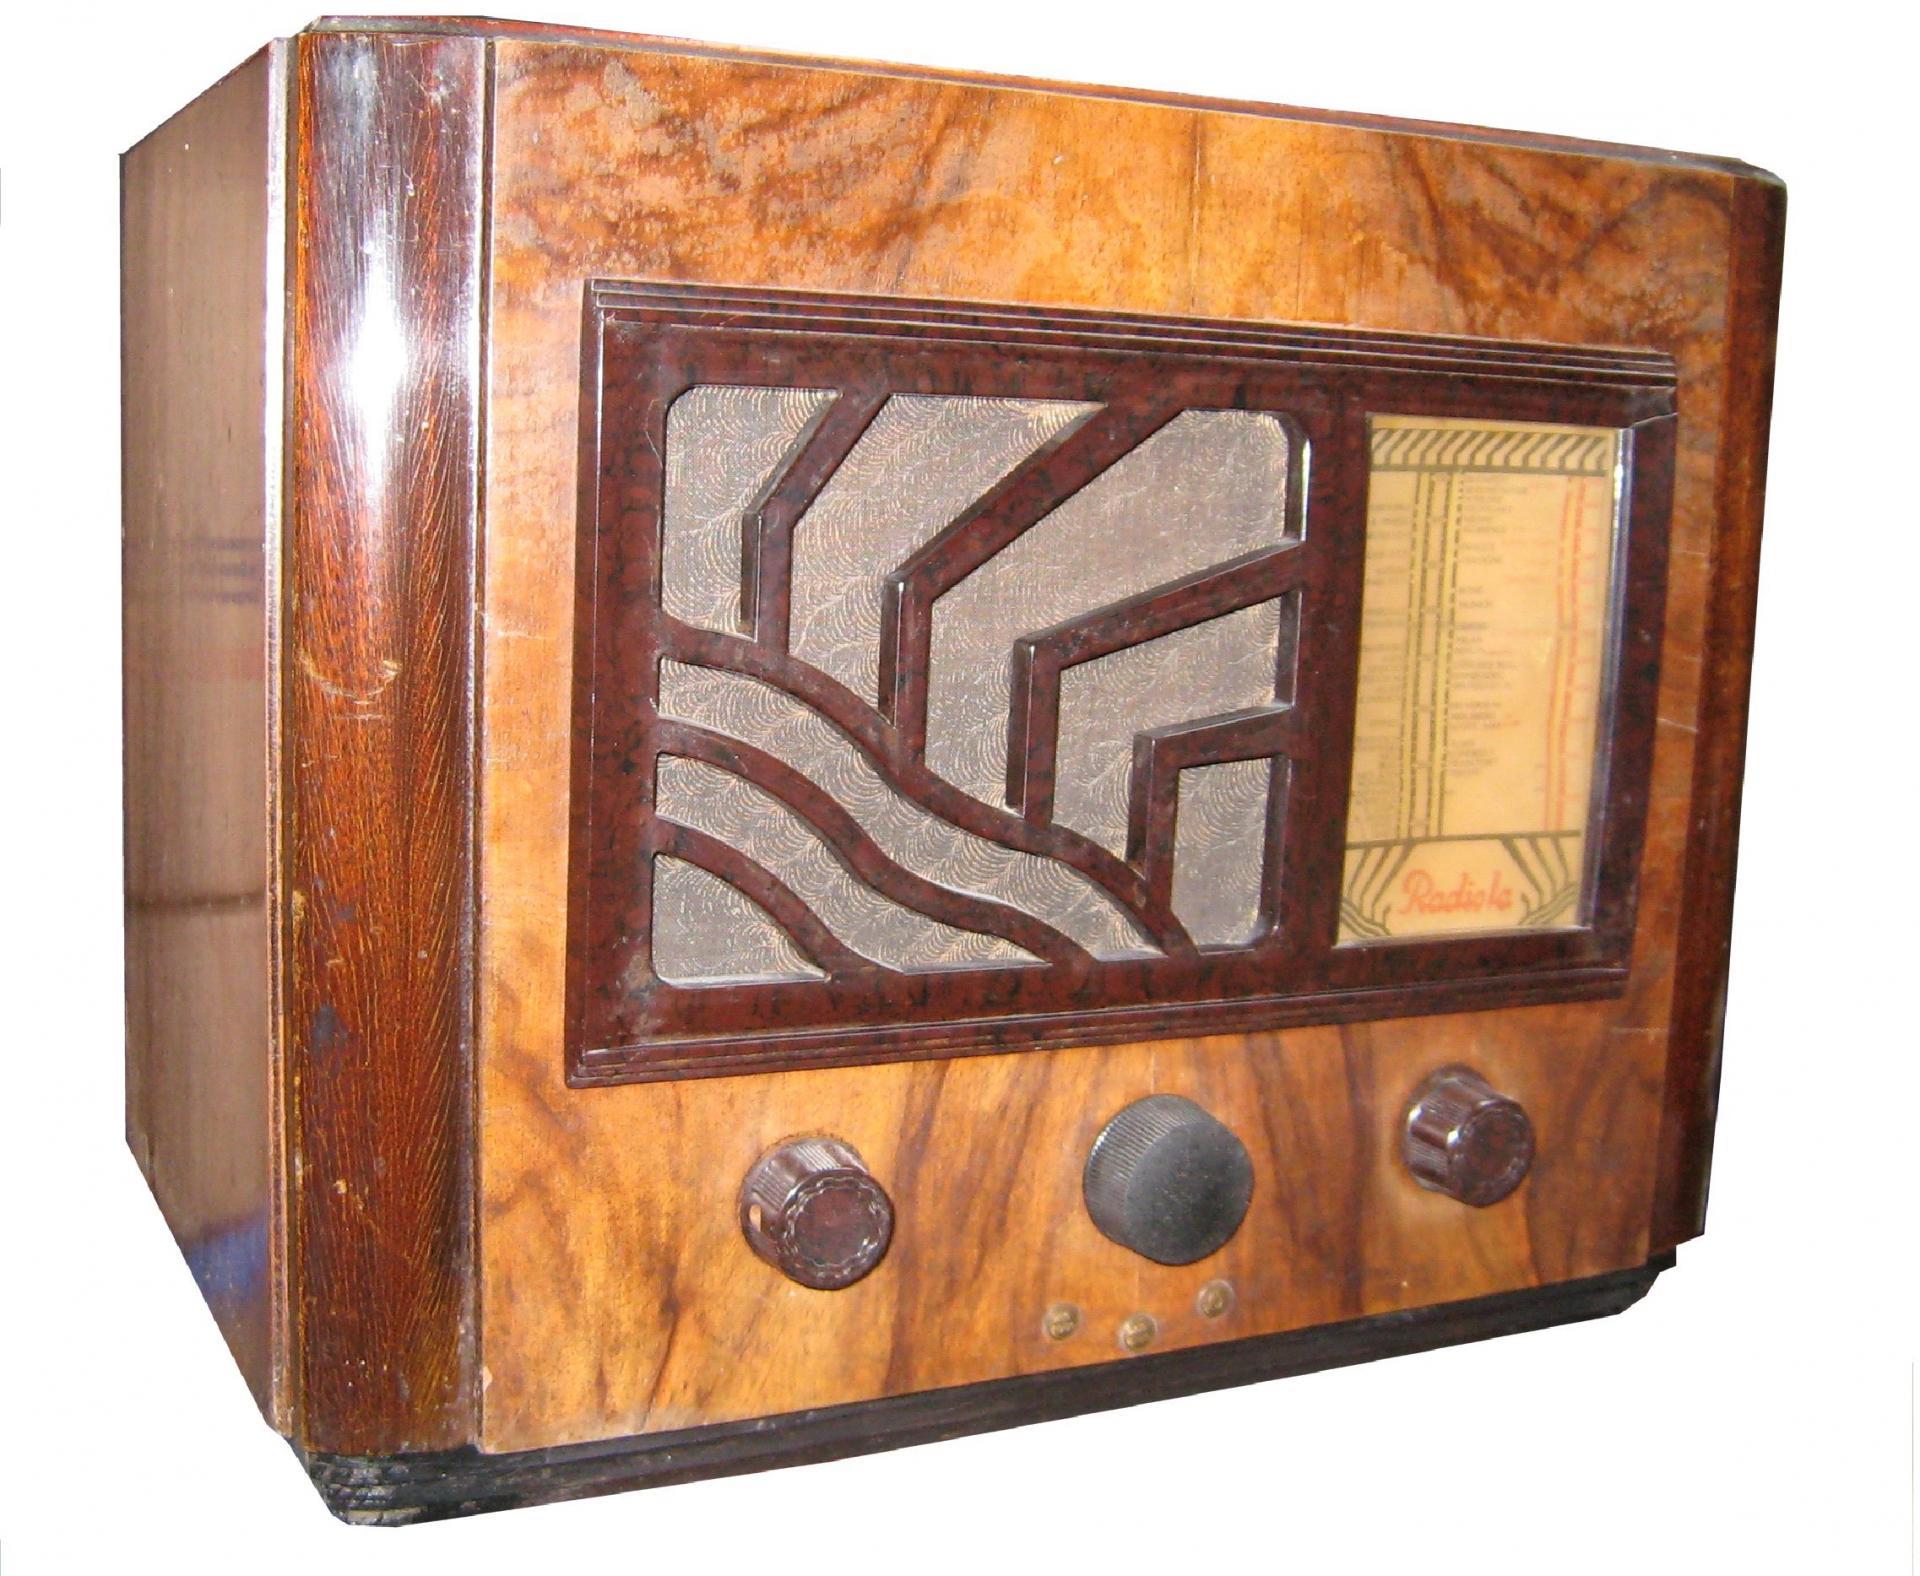 Radiola RA 563LU